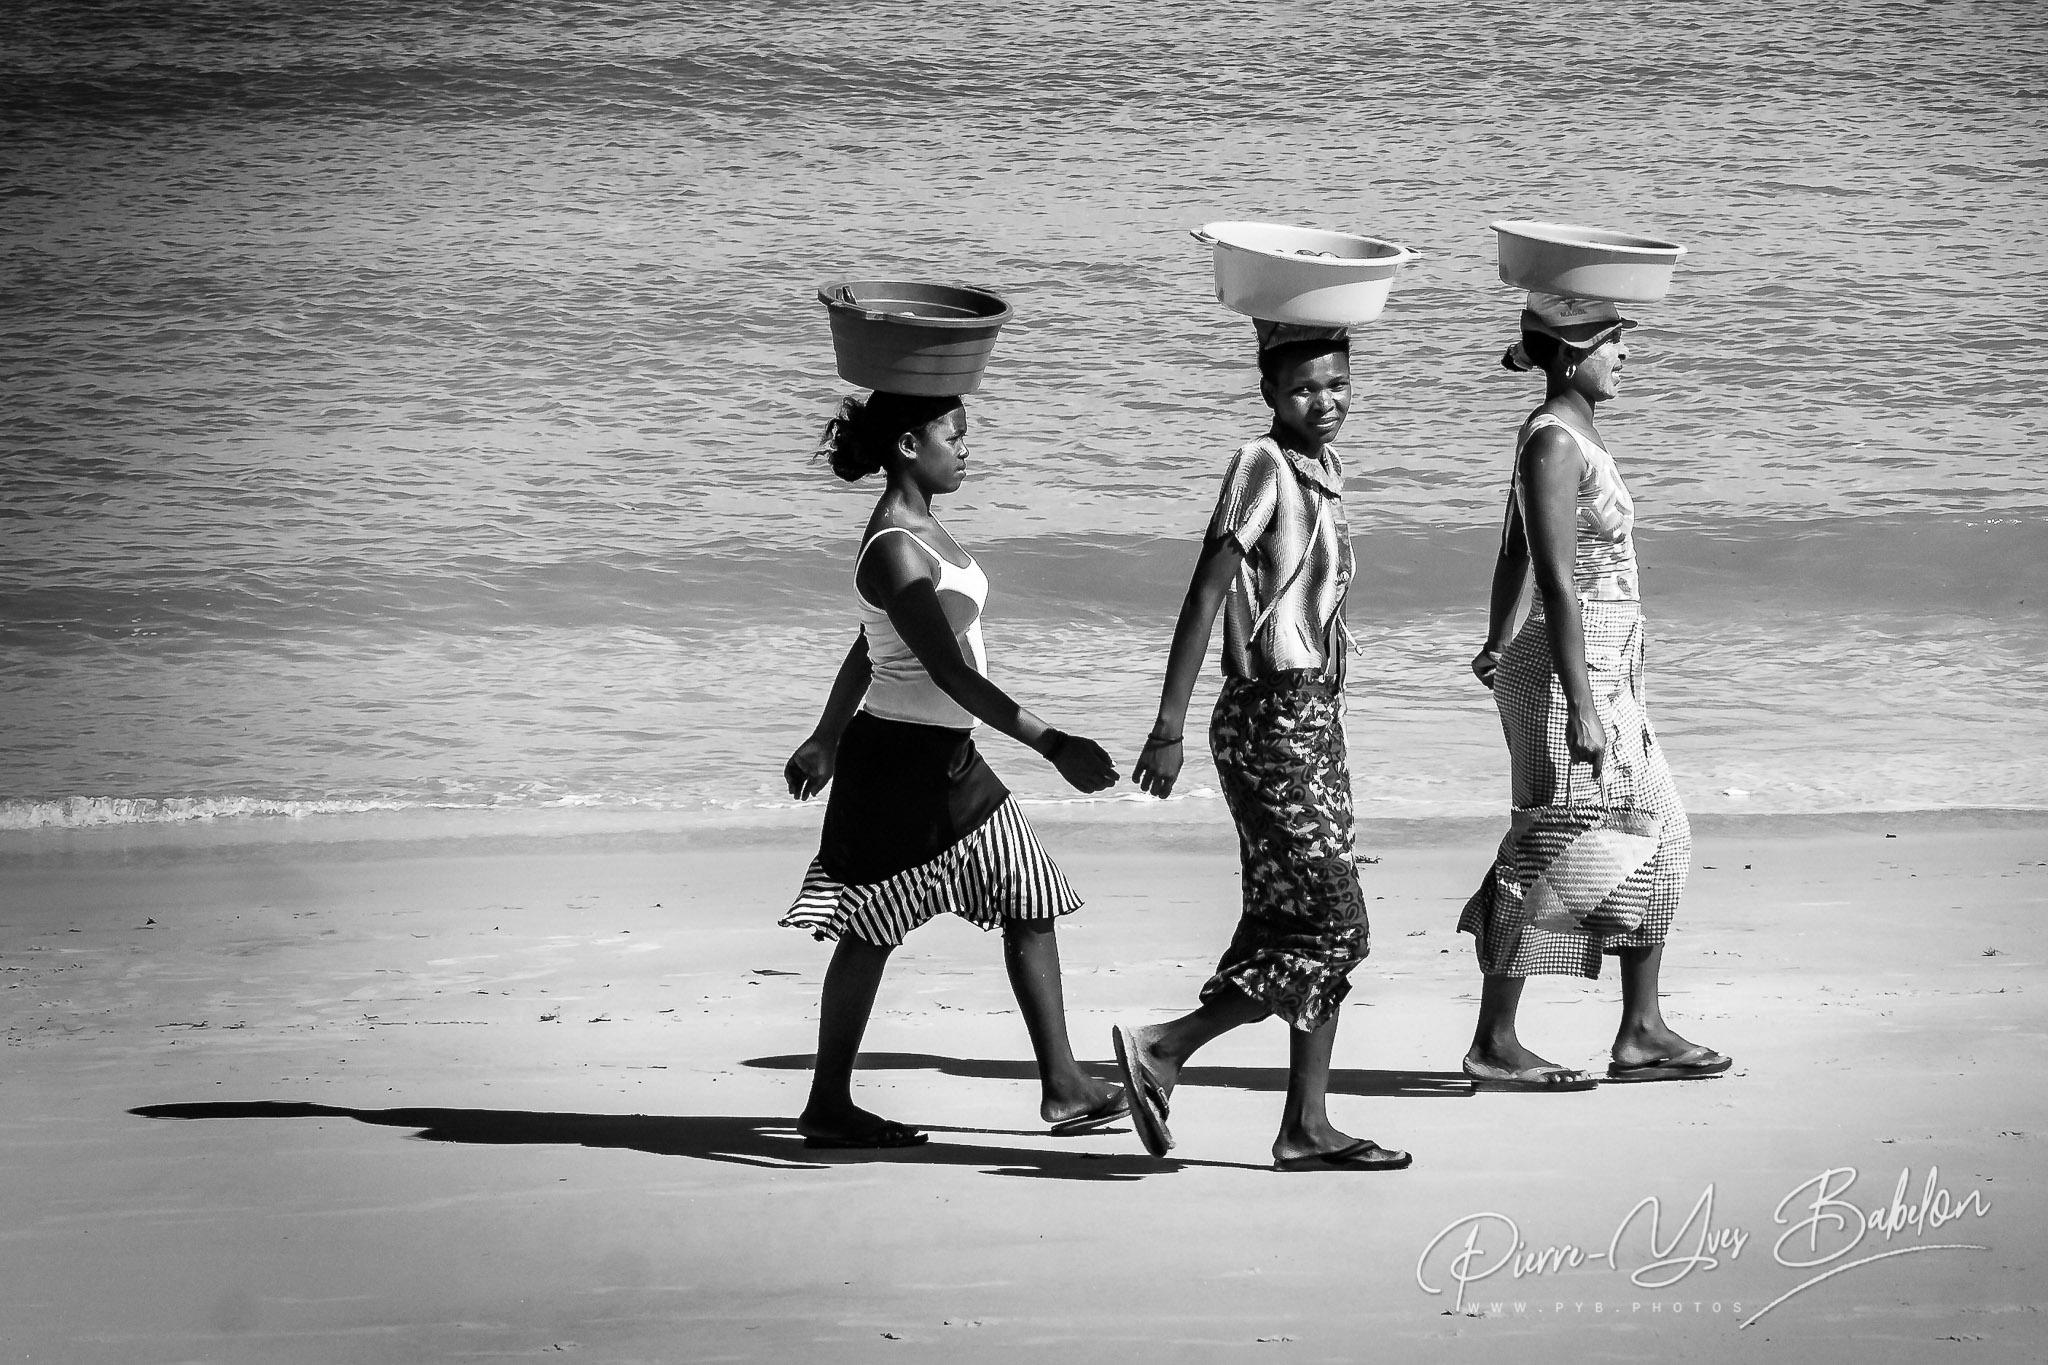 Femmes Sakalava sur la plage de Mahajanga, Madagascar